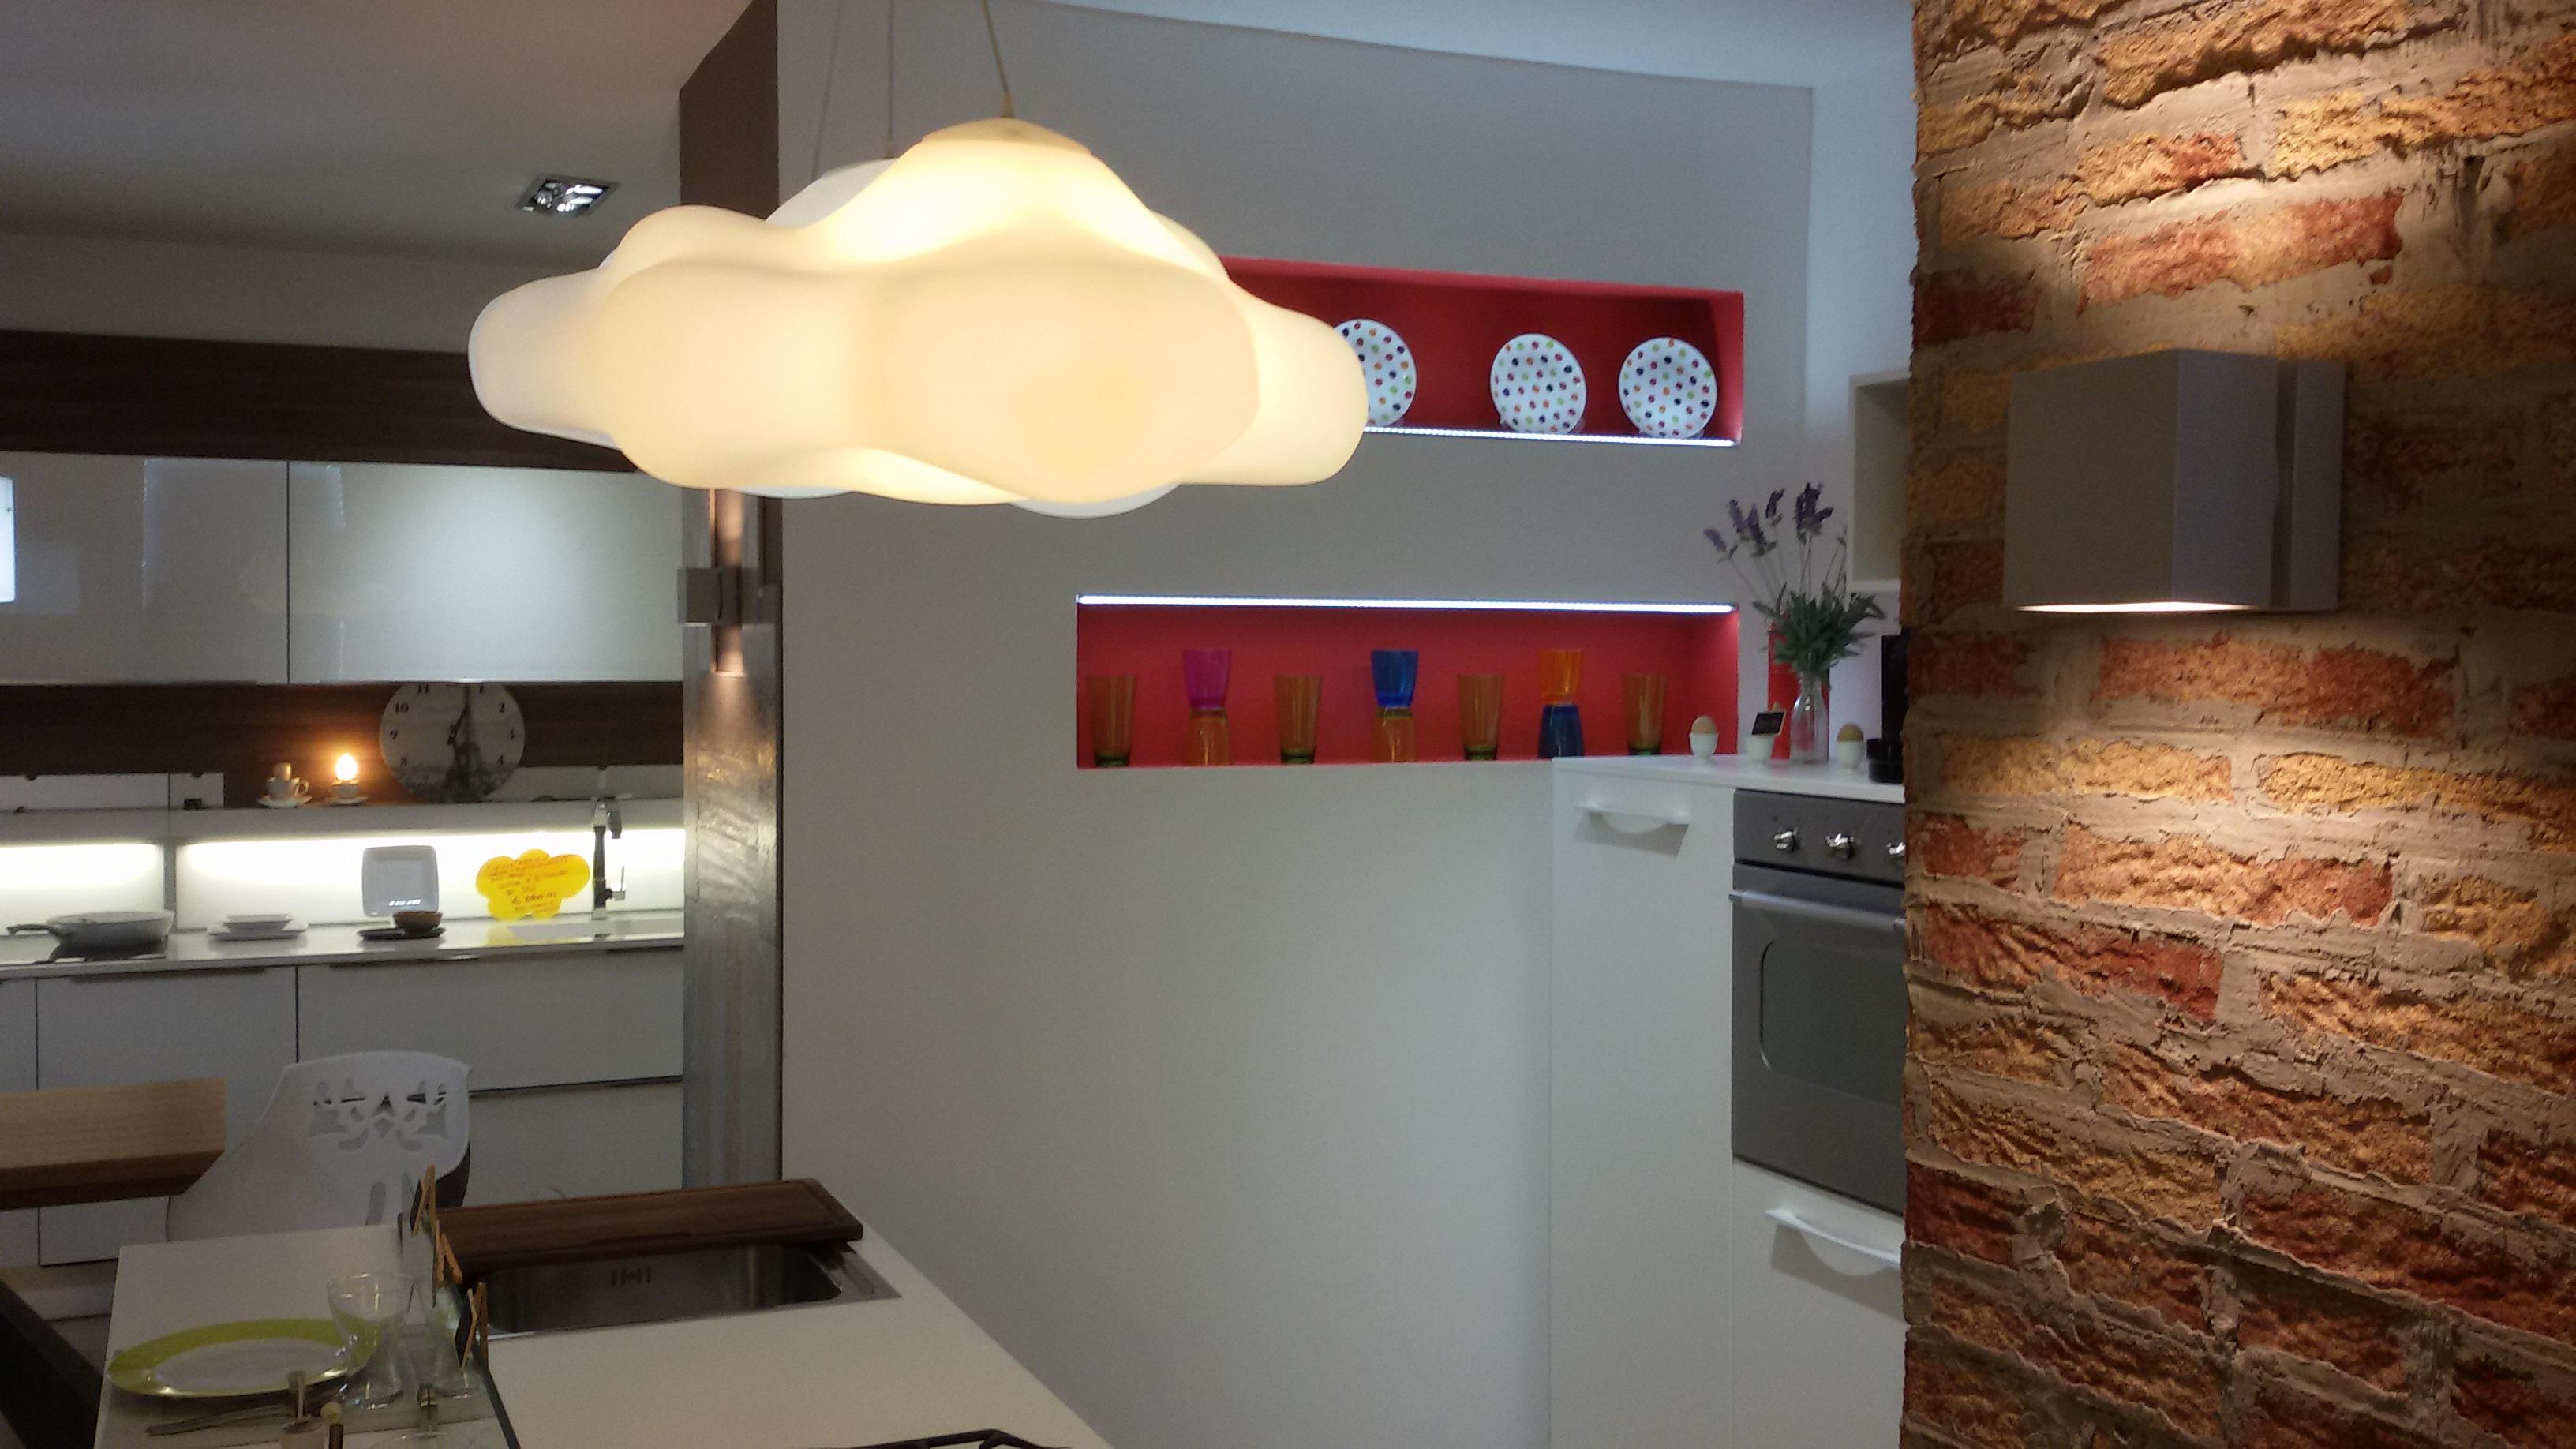 Atmosfera D Interni Roma.Illuminazione Led Atmosfera D Interni Taurus Progetto Sole